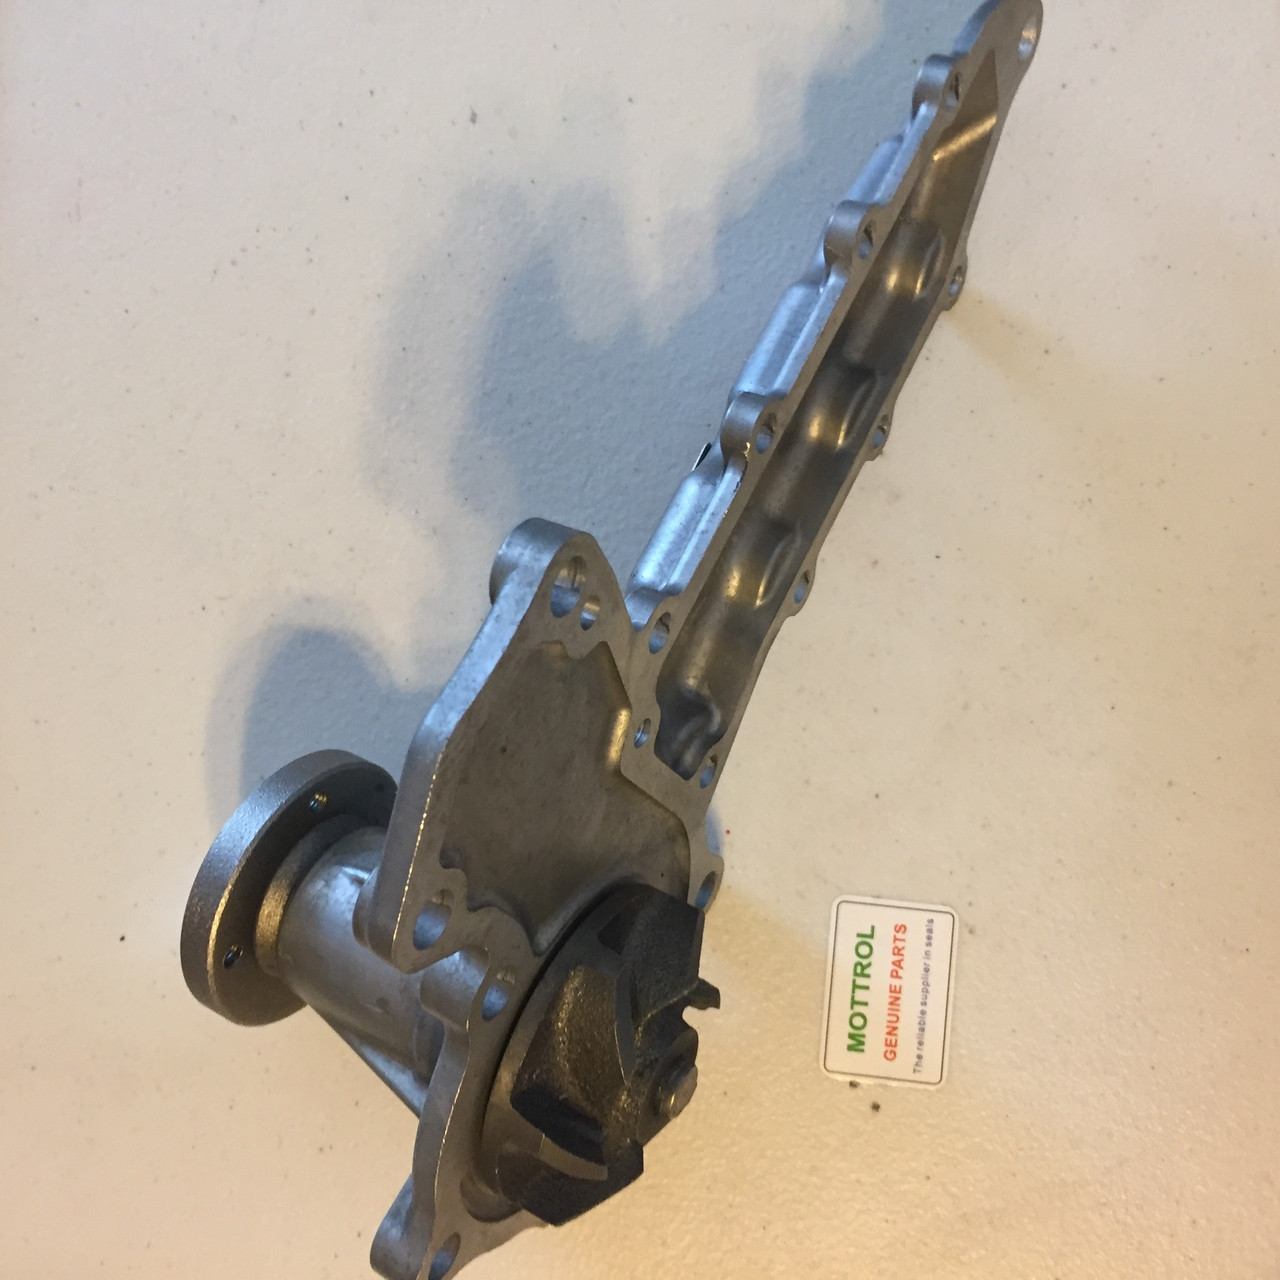 medium resolution of 15521 73039 water pump fits bobcat skid steer loader 743b 753g 763 kubota v2403